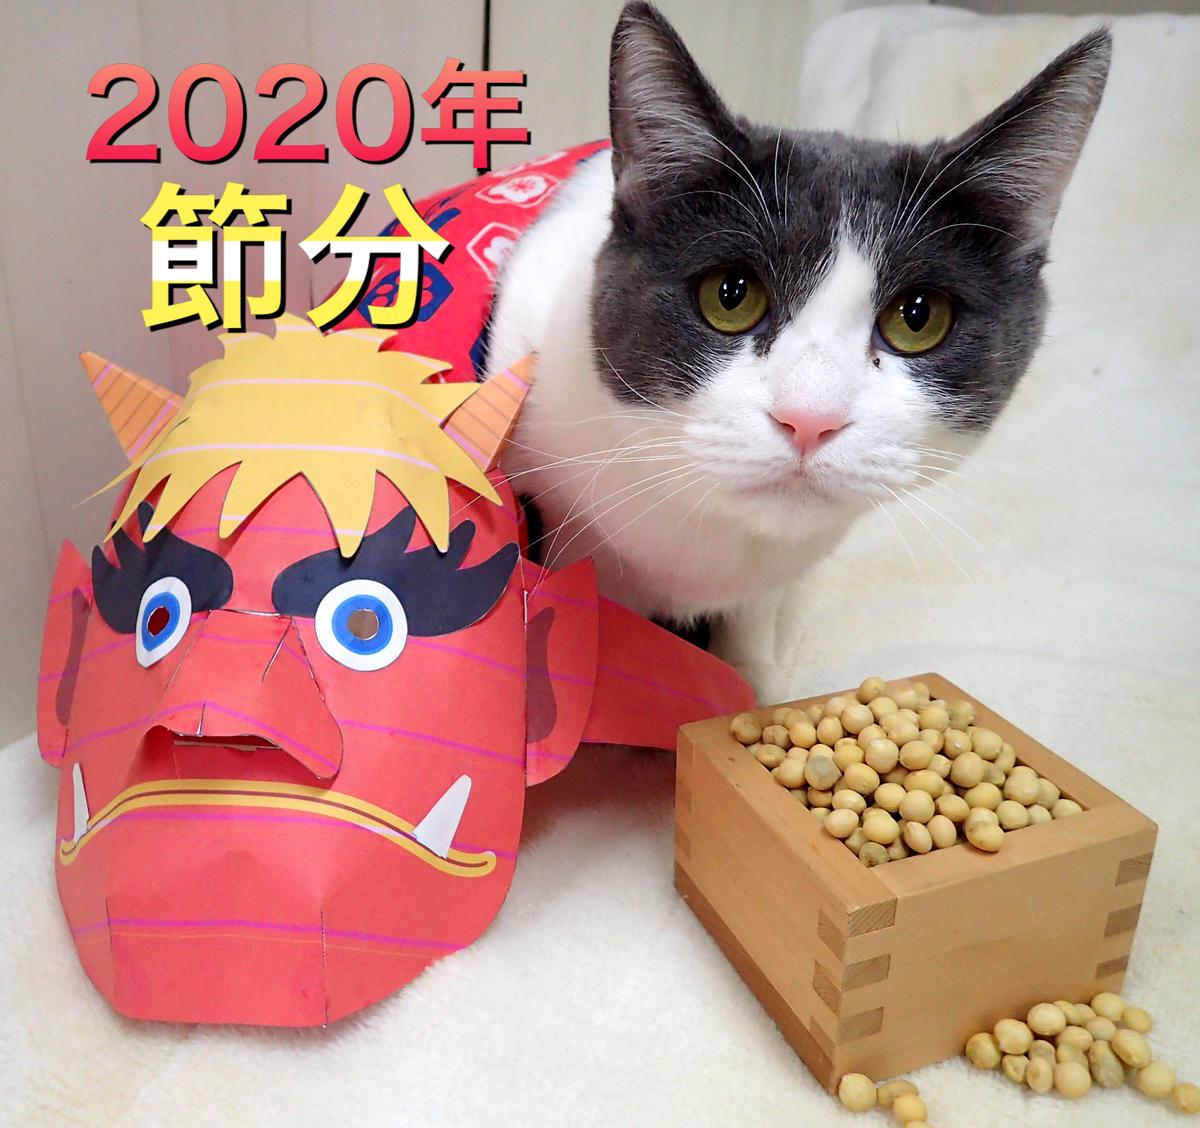 f:id:nozawa_clinic:20200212170226j:plain